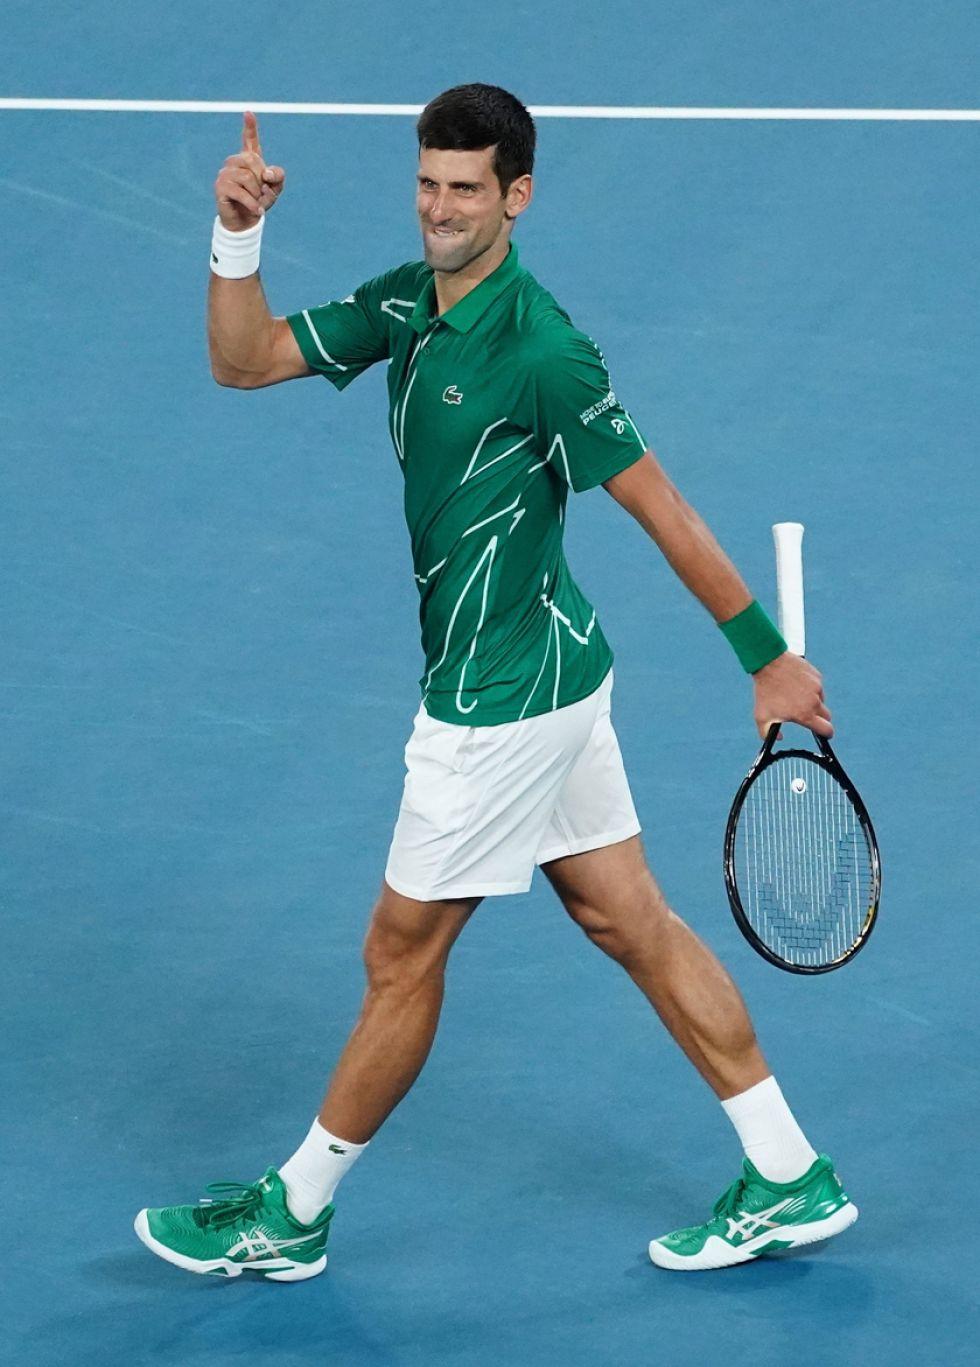 El jugador Novak Djokovic.